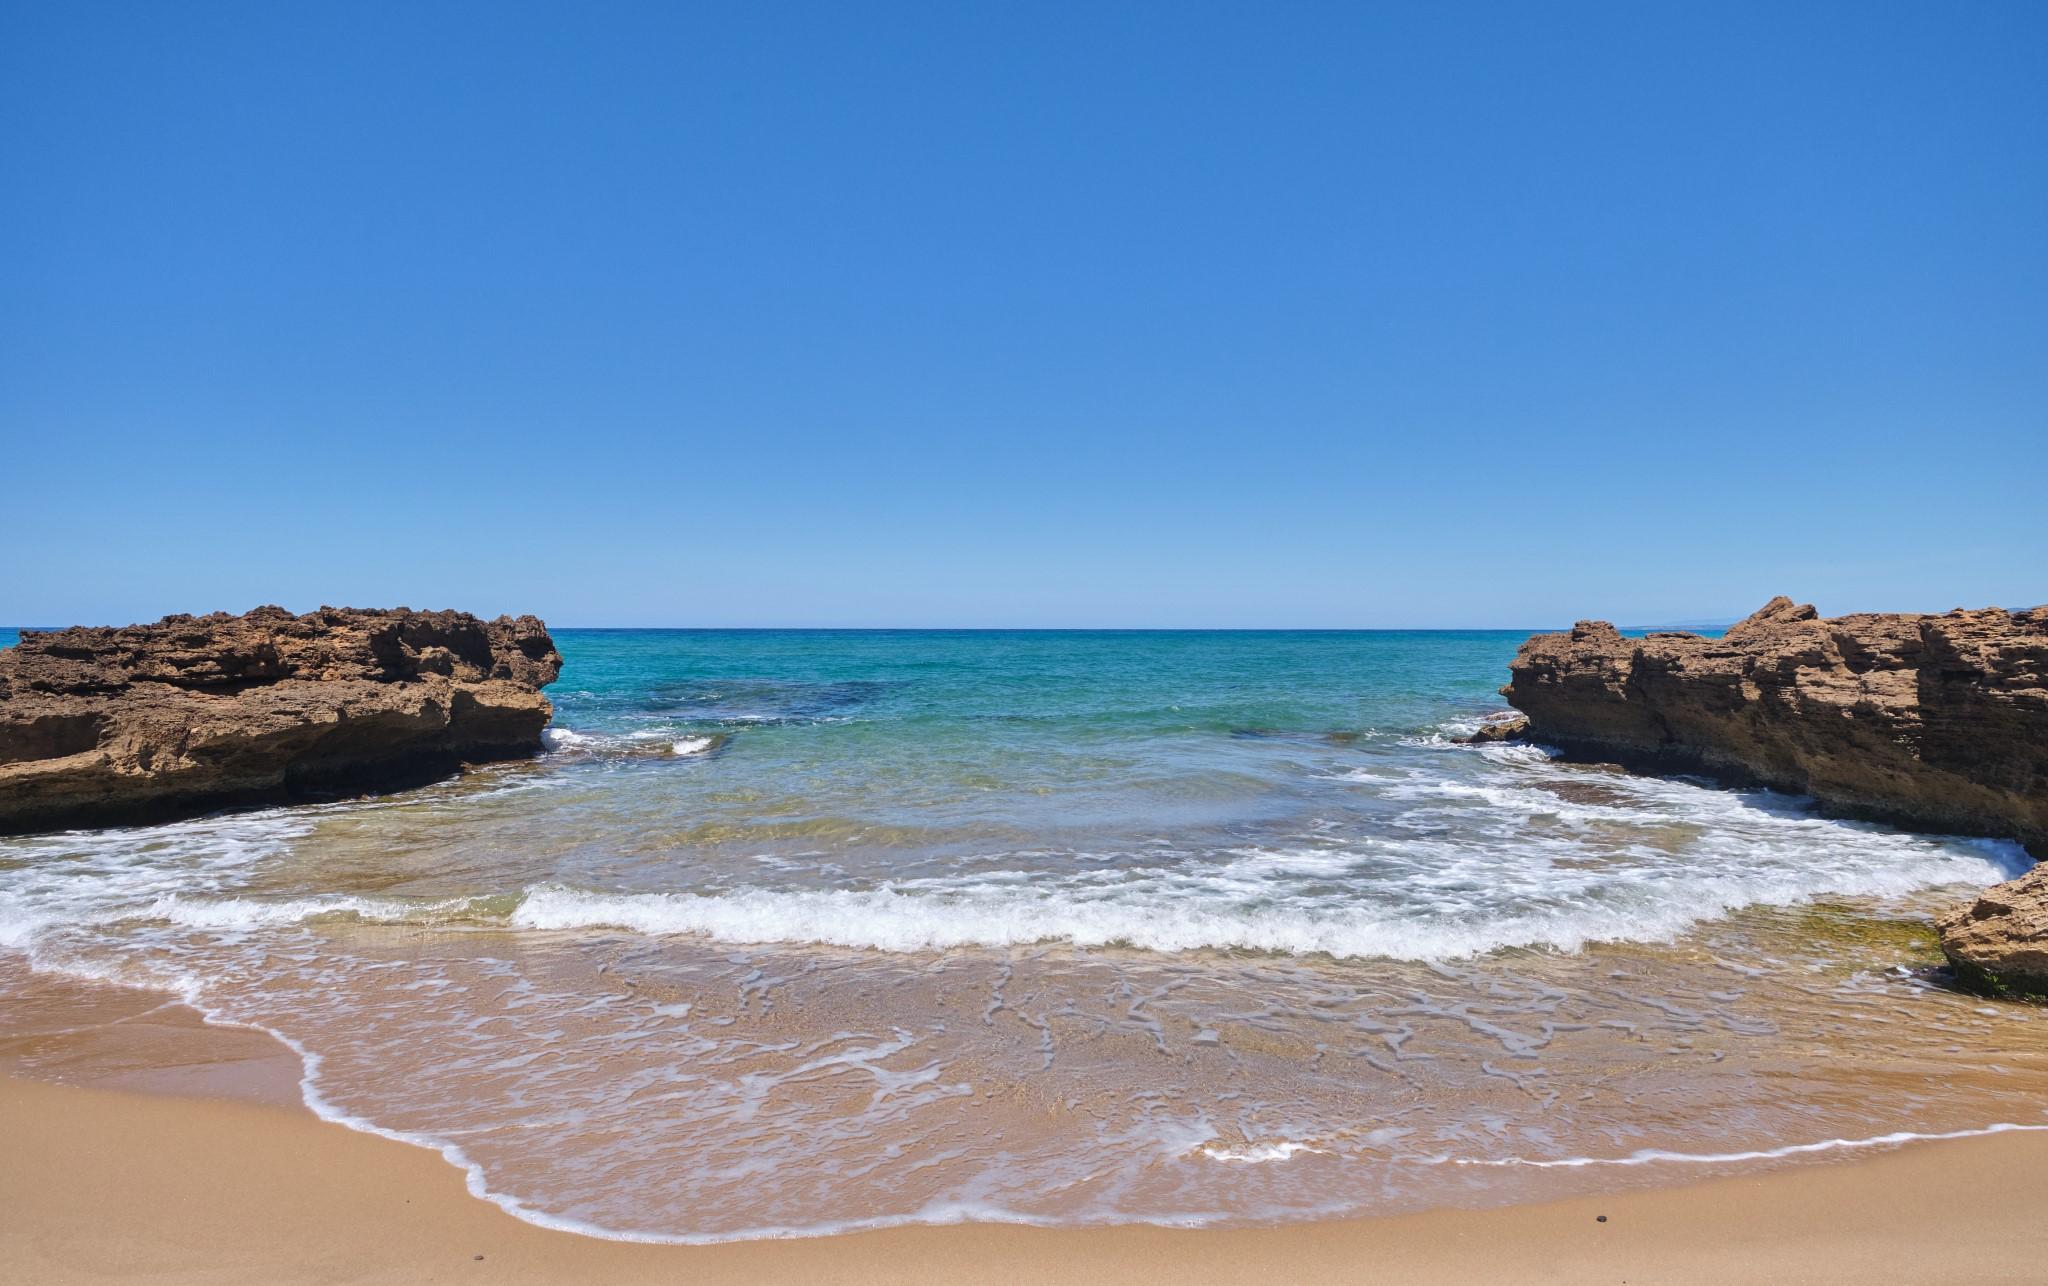 Scivu, wild beach in Arbus, west coast Sardinia, Italy